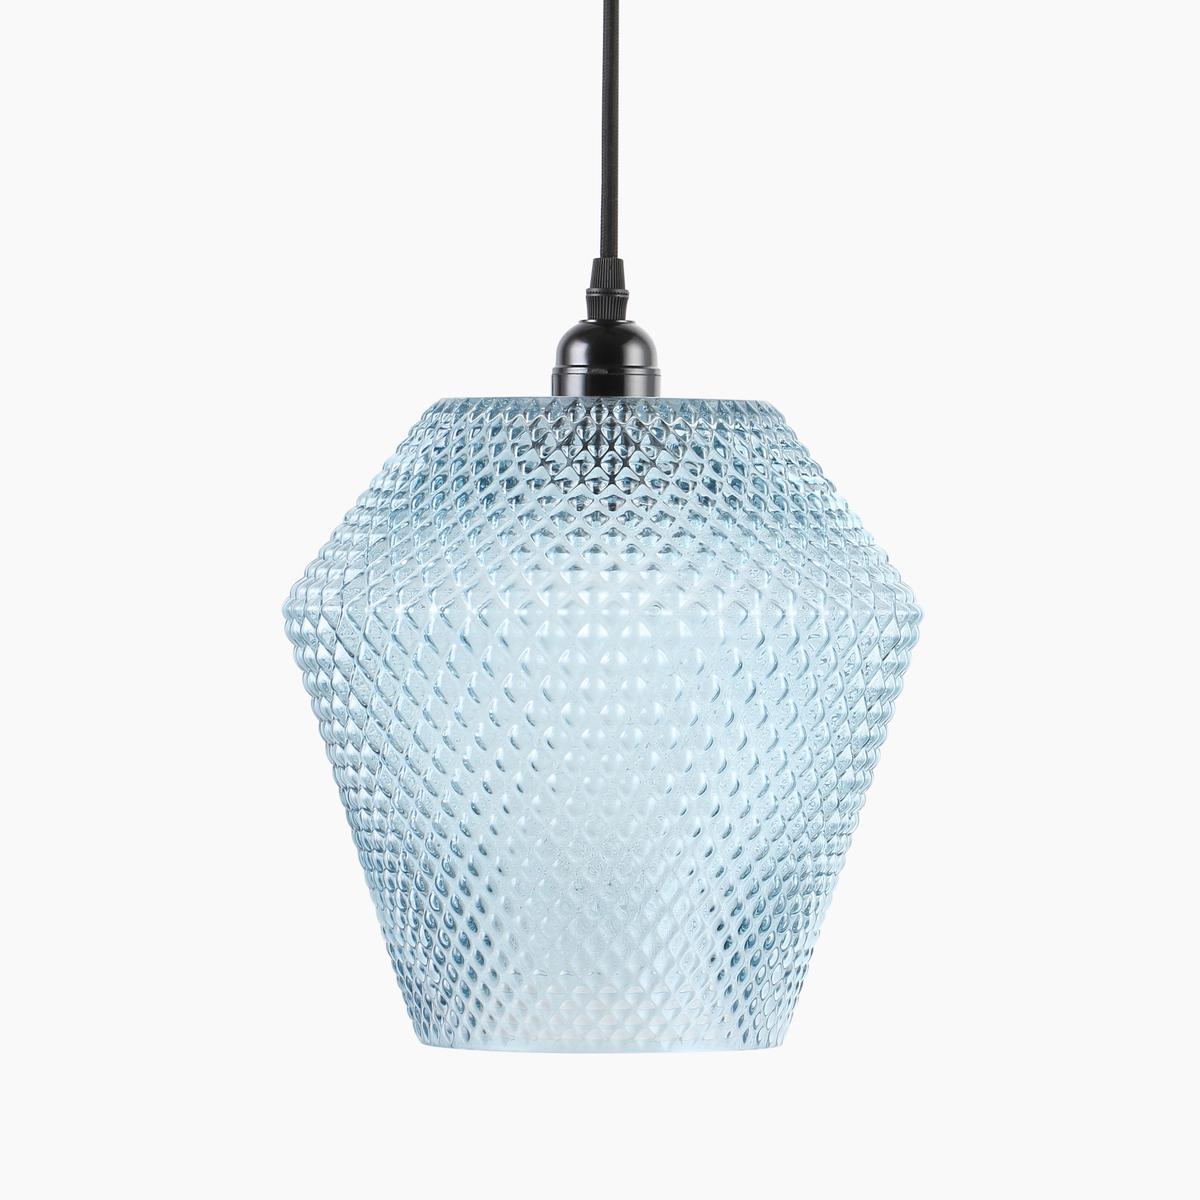 pendelleuchte inkl stecker glash ngeleuchte h ngelampe deckenlampe blau schwarz ebay. Black Bedroom Furniture Sets. Home Design Ideas